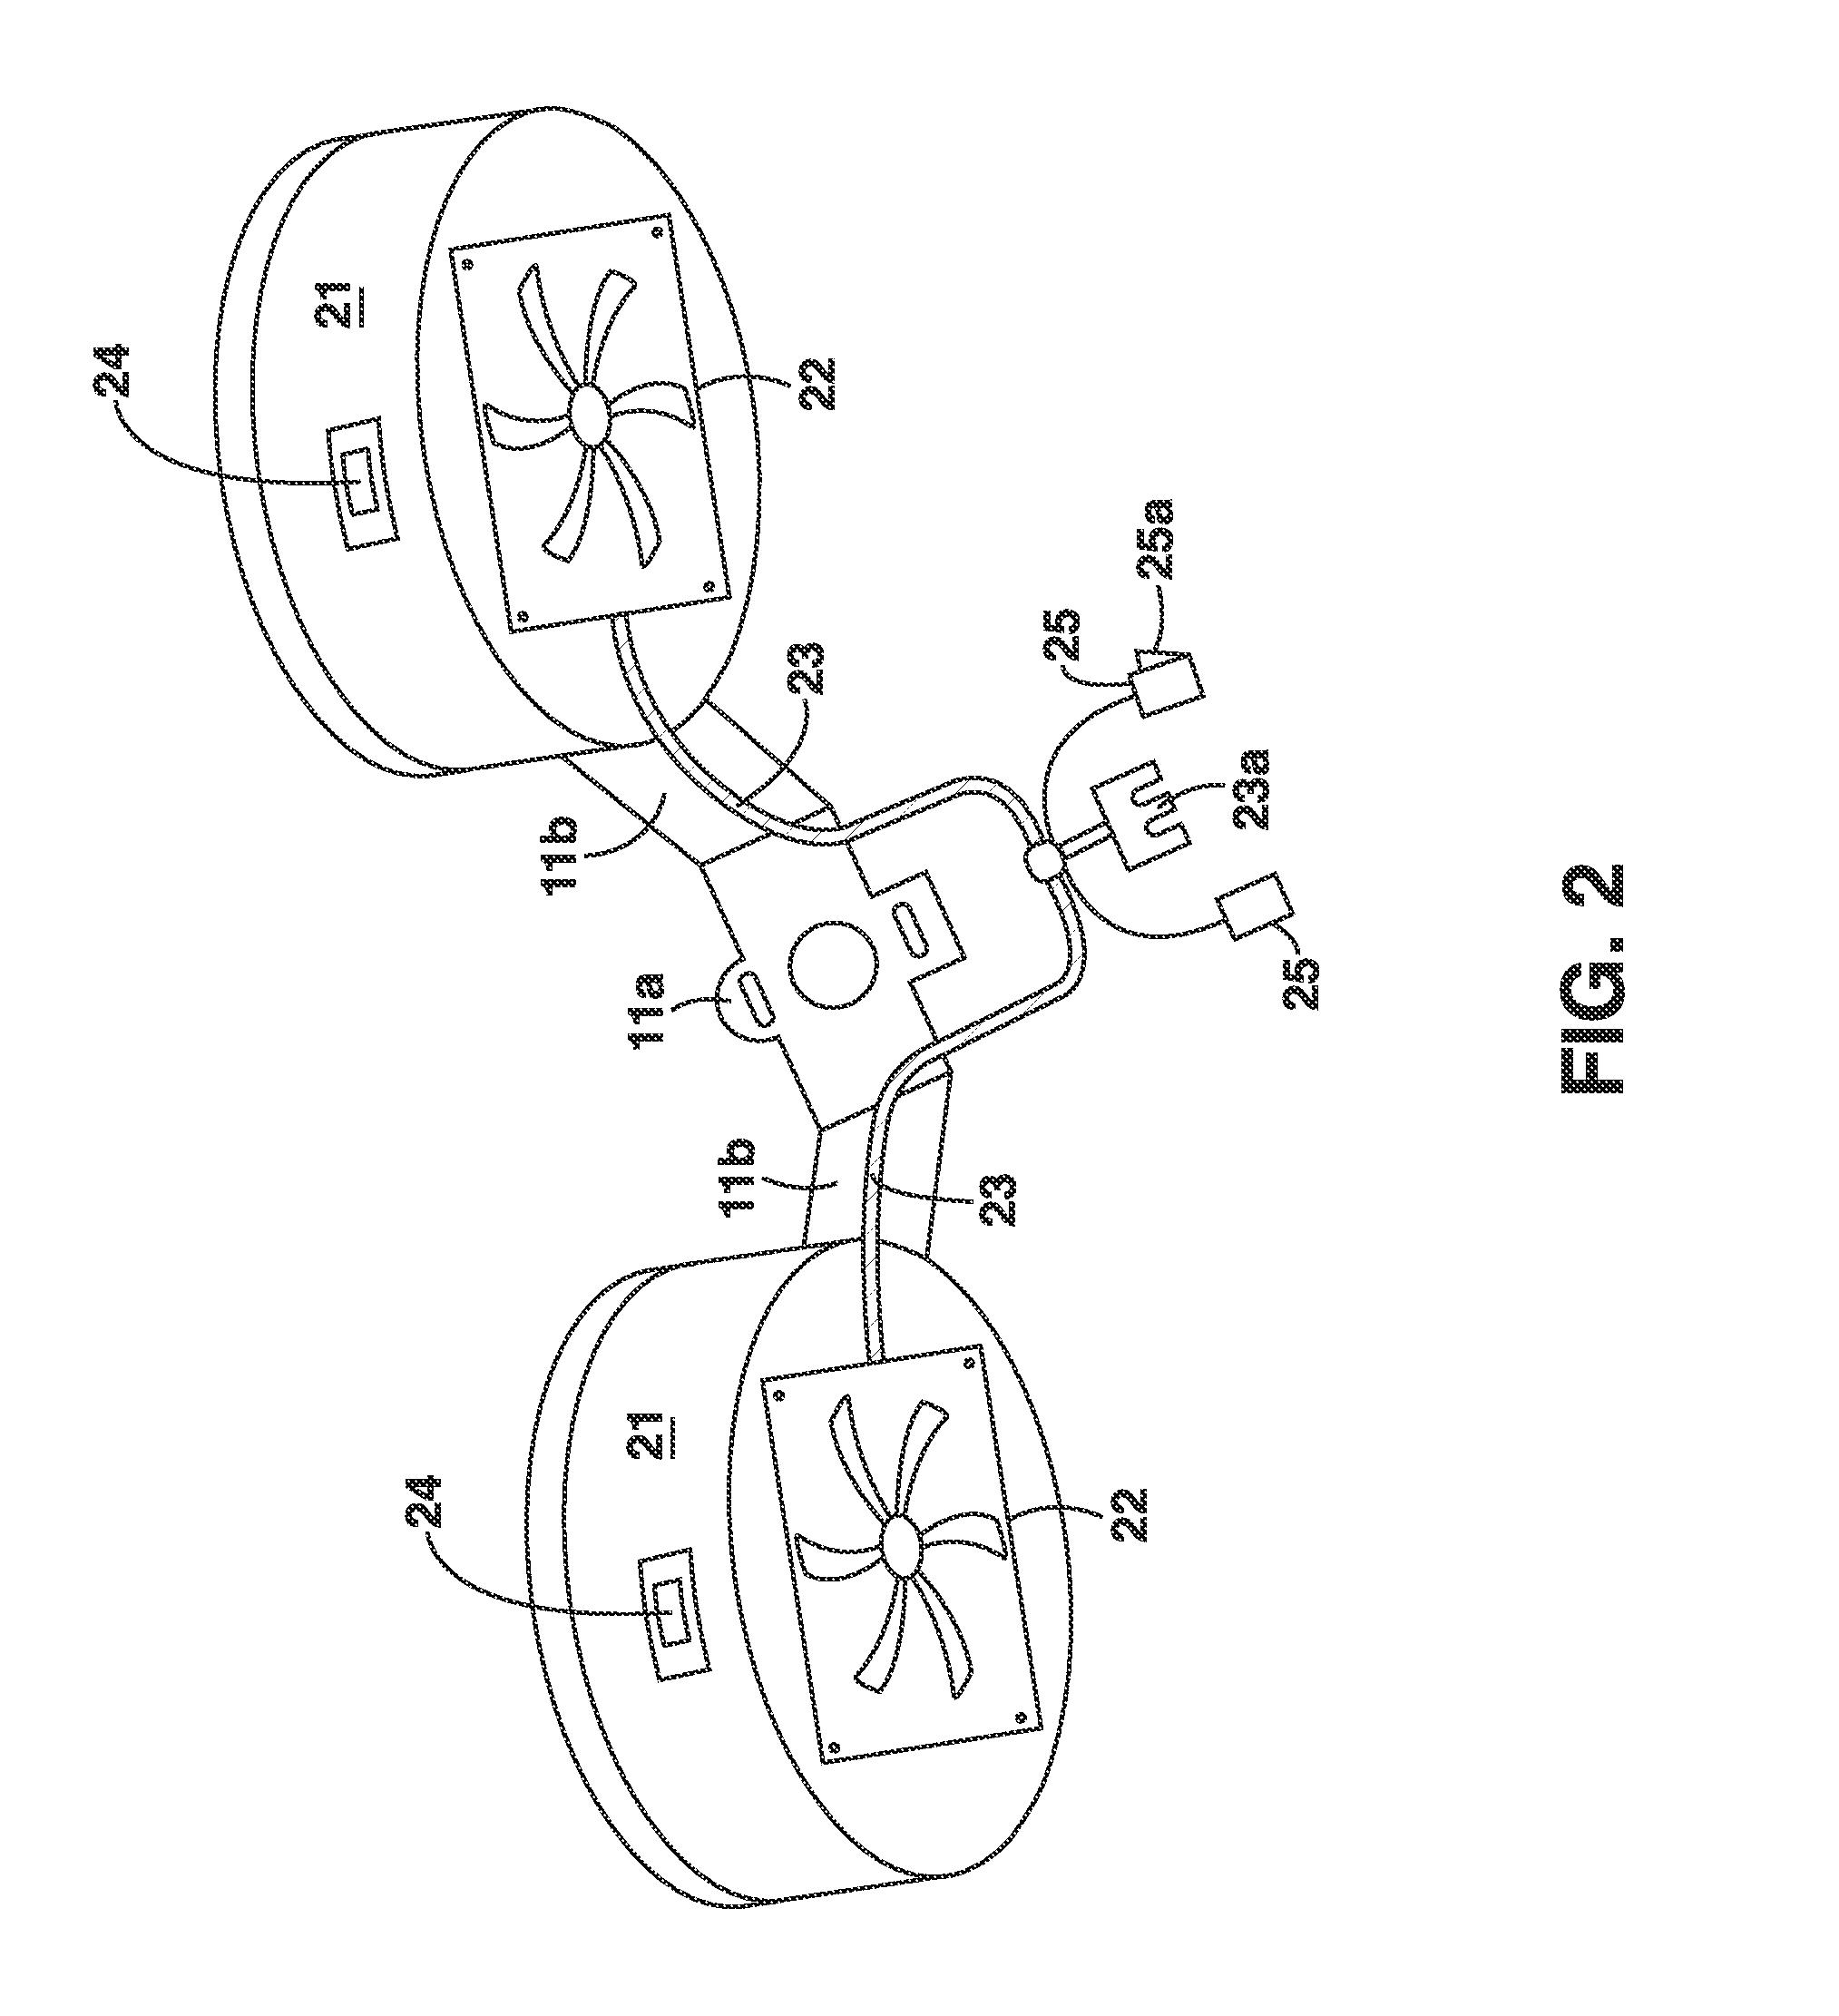 brevet us20120277951